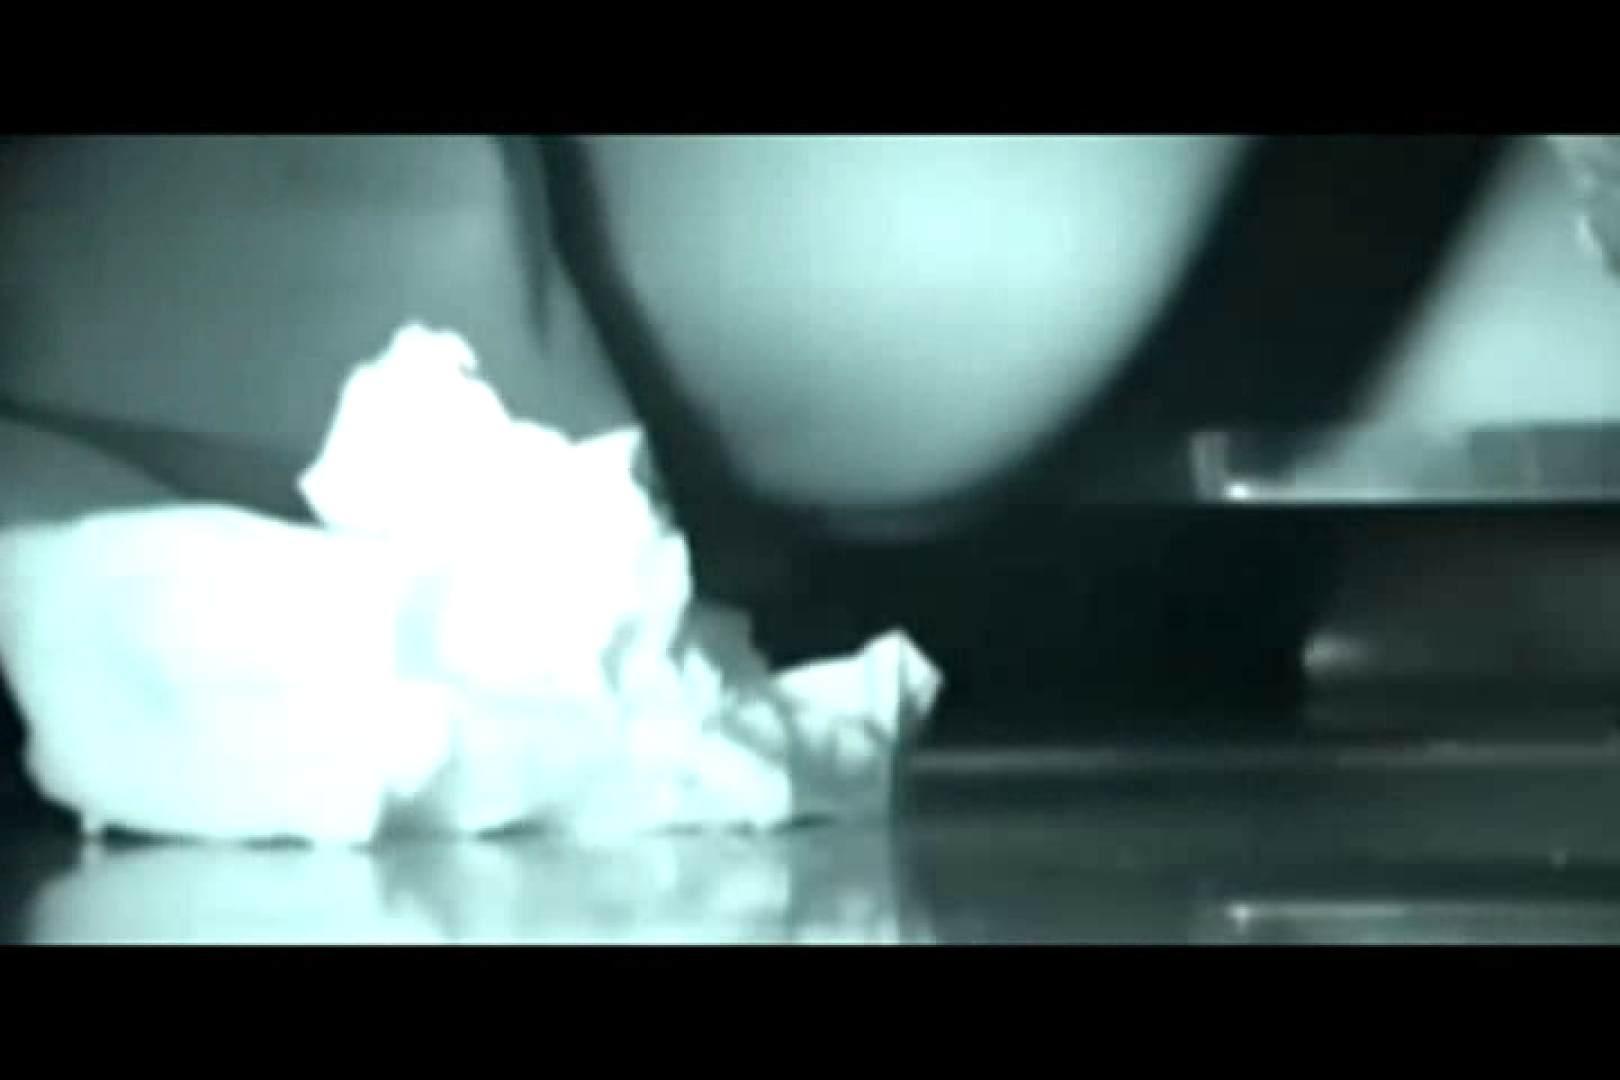 ぼっとん洗面所スペシャルVol.19 洗面所 | おまんこモロ出し  109pic 20